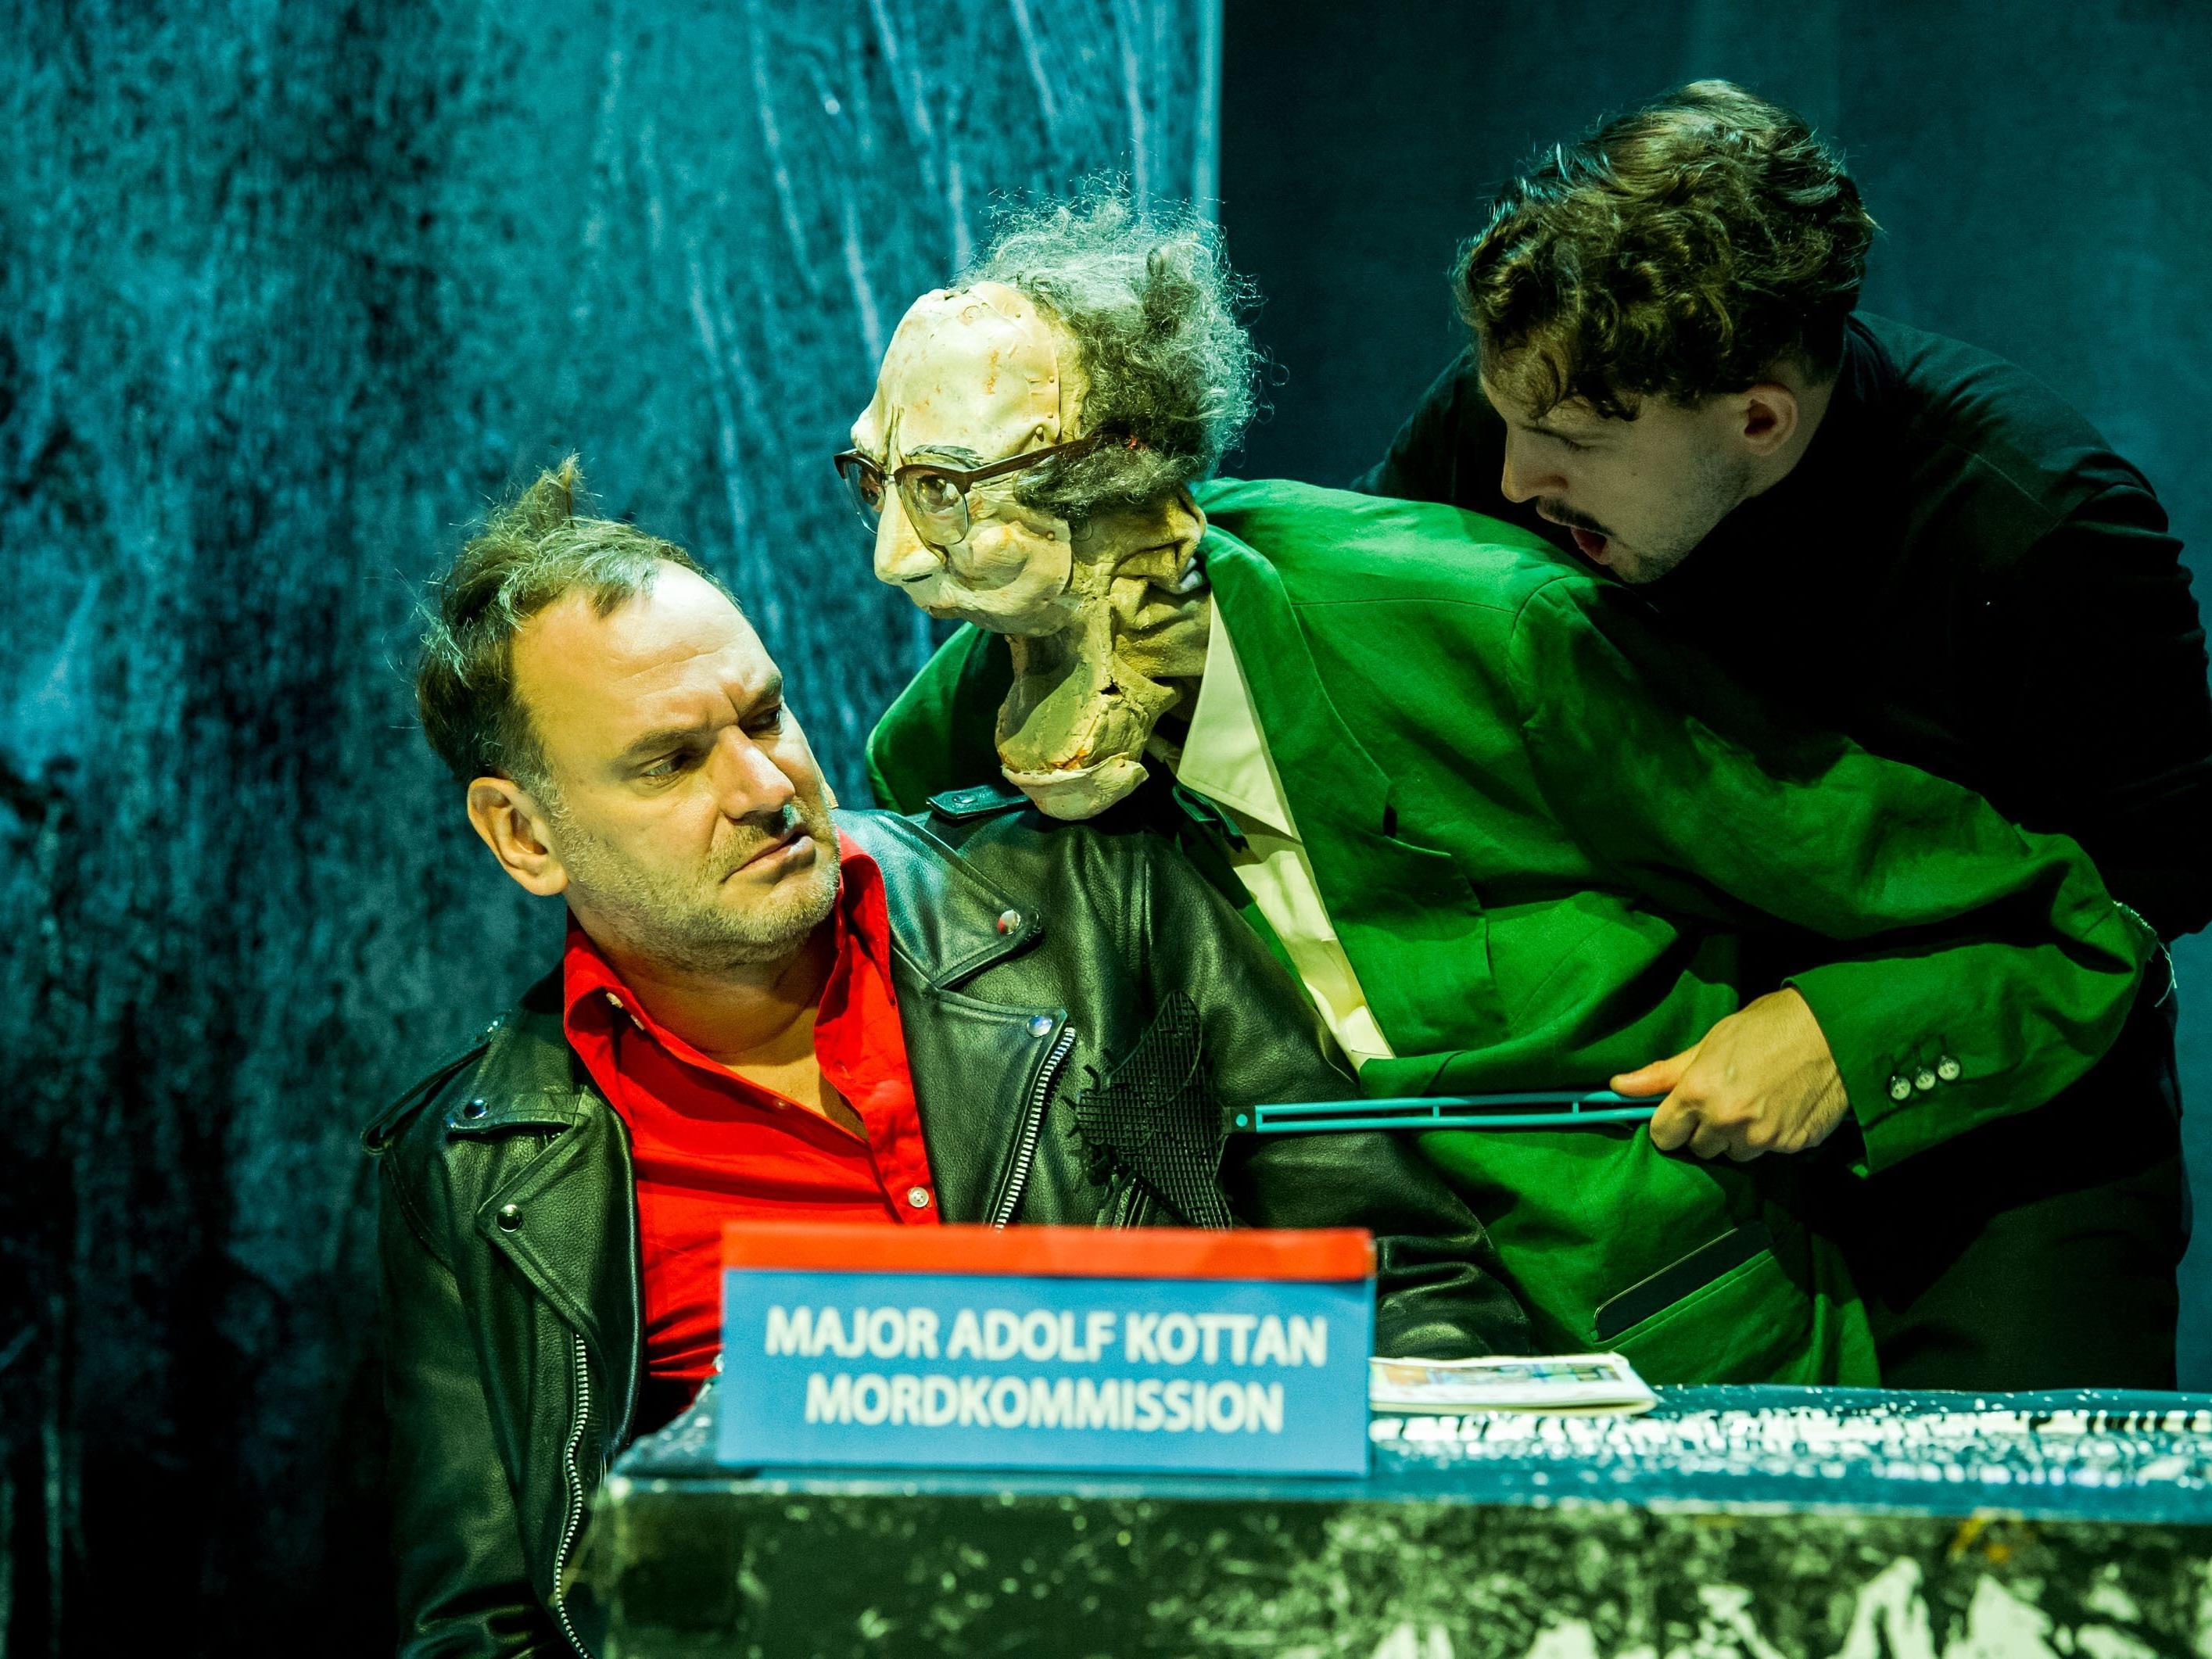 Kottan Ermittelt - diesmal unter Puppen, im Rabenhof Theater